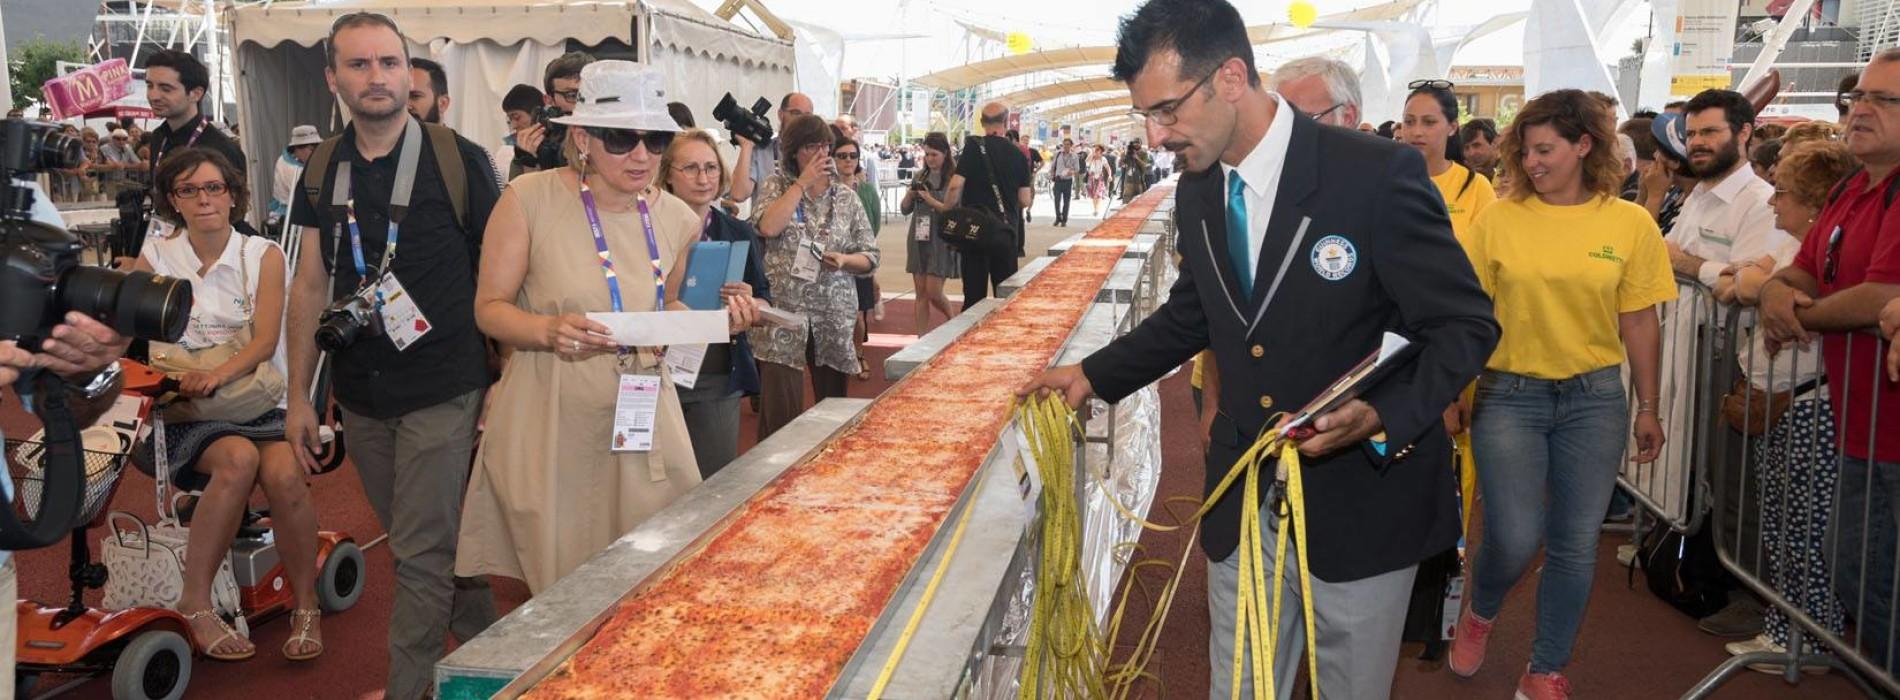 Una pizza lunga 2 chilometri sul Lungomare Caracciolo: Napoli sfida il Guiness World Record